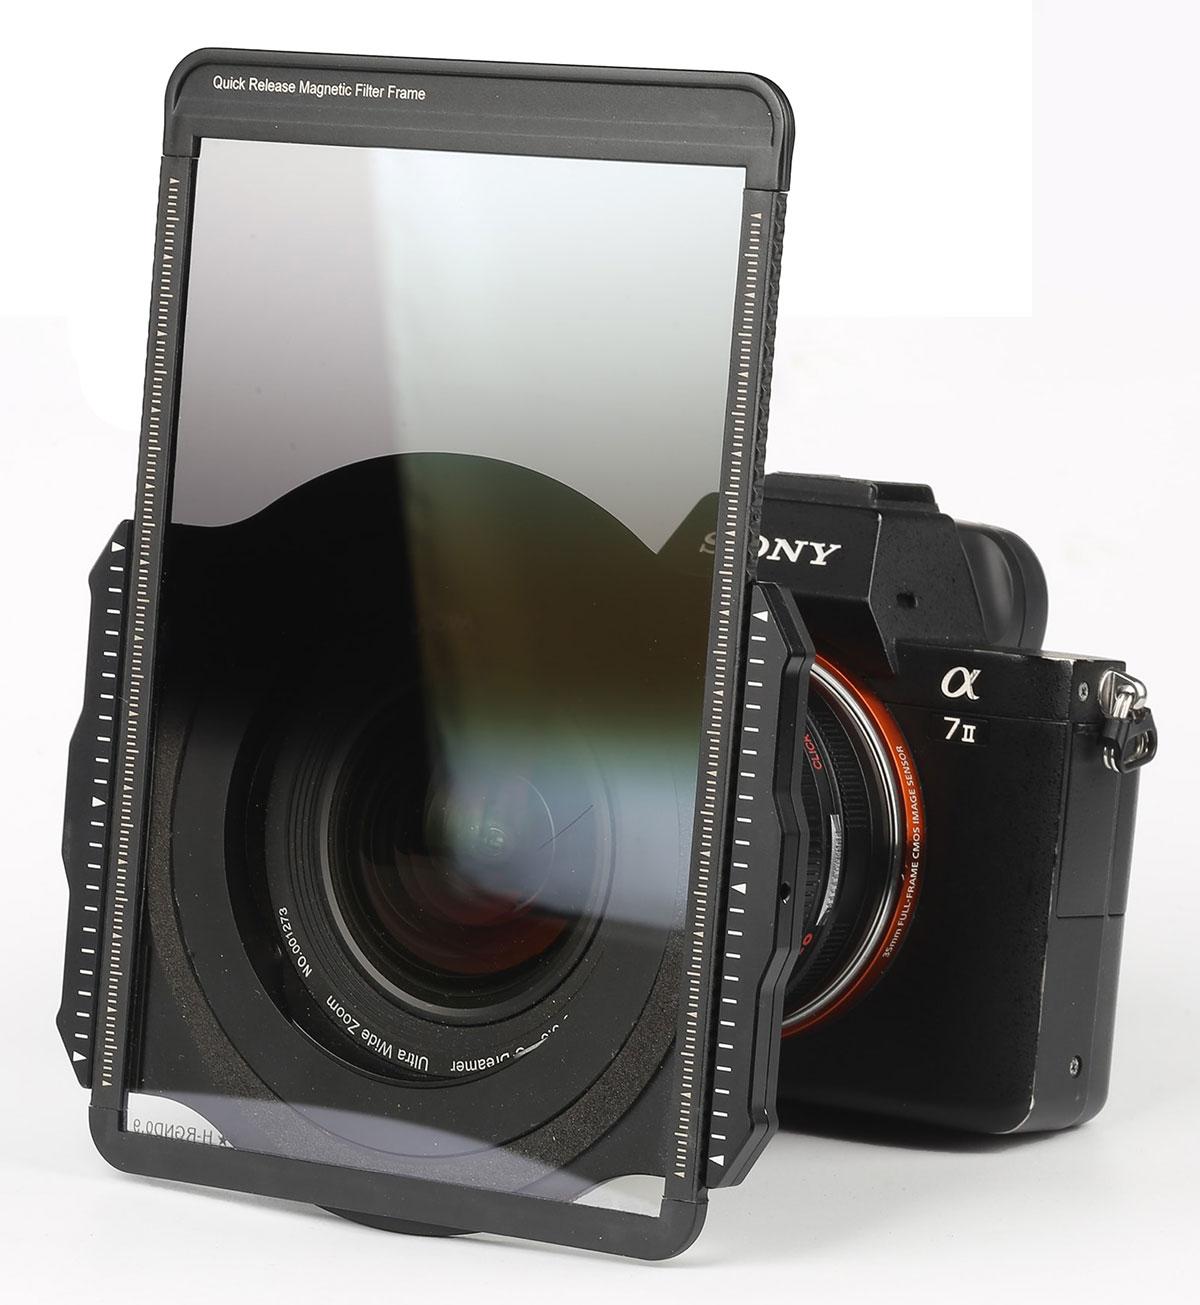 Объектив Laowa 10-18mm f/4.5-5.6 FE Zoom с системой магнитных фильтров